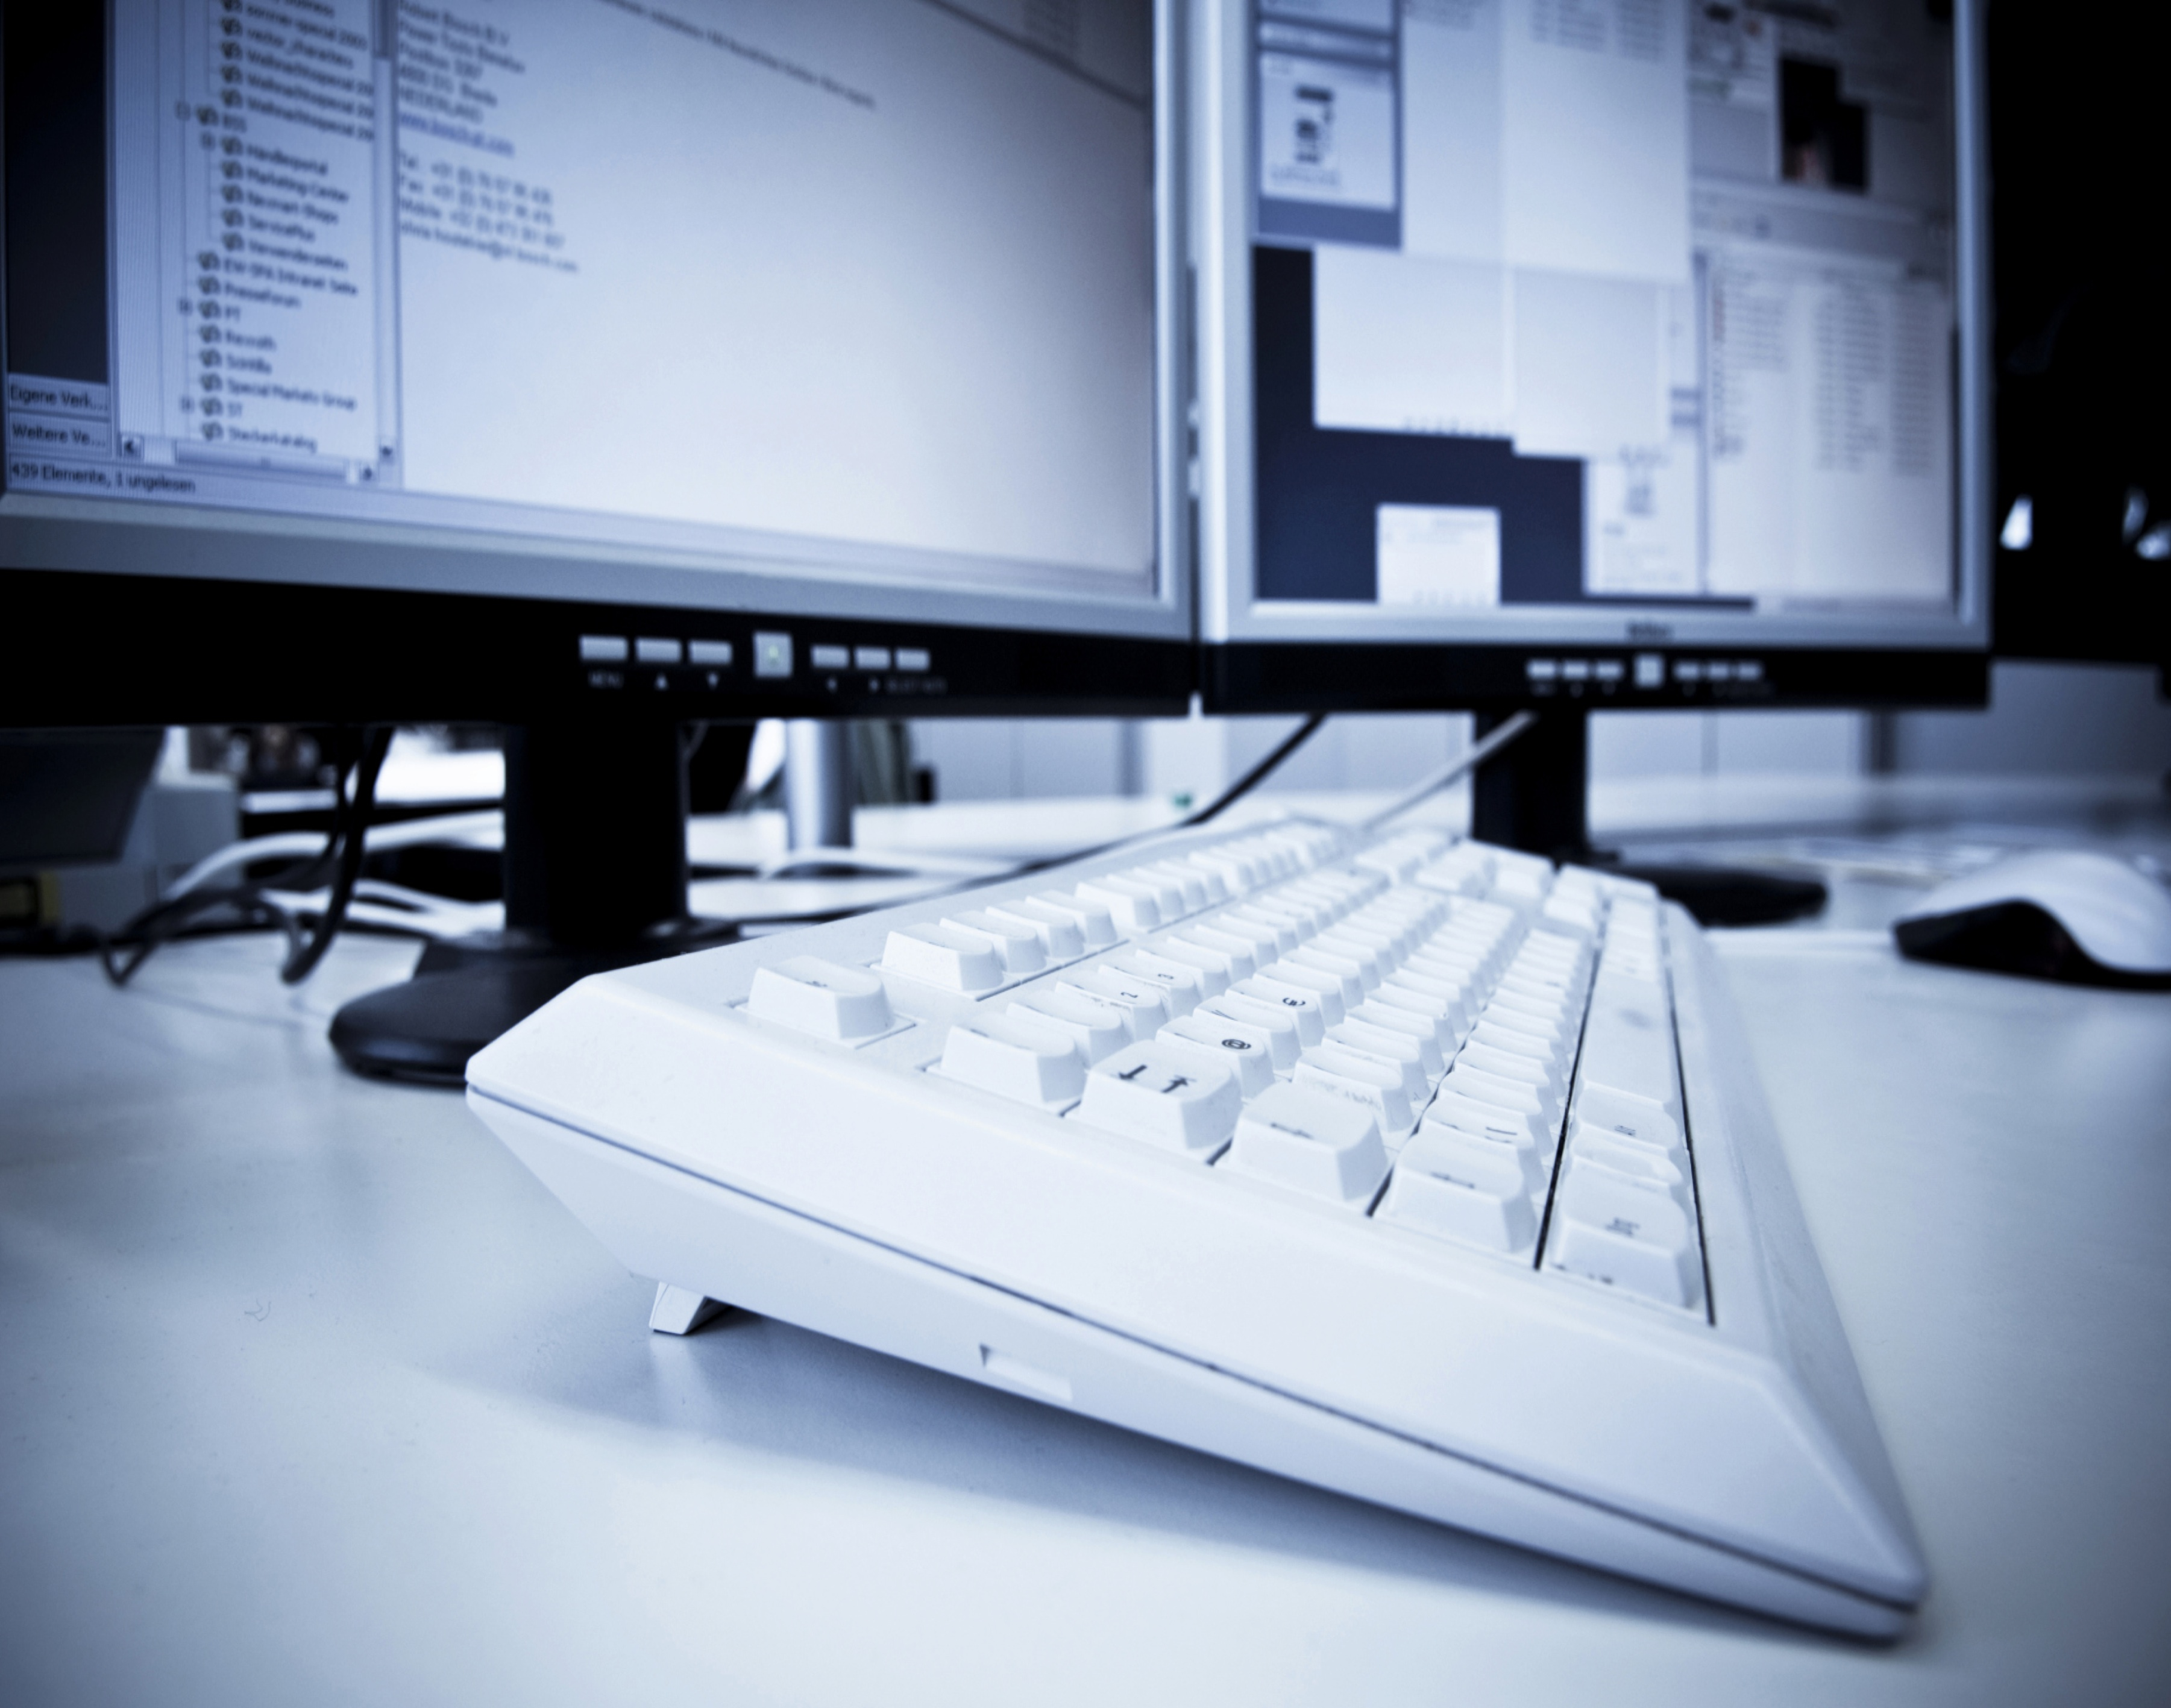 RTI software